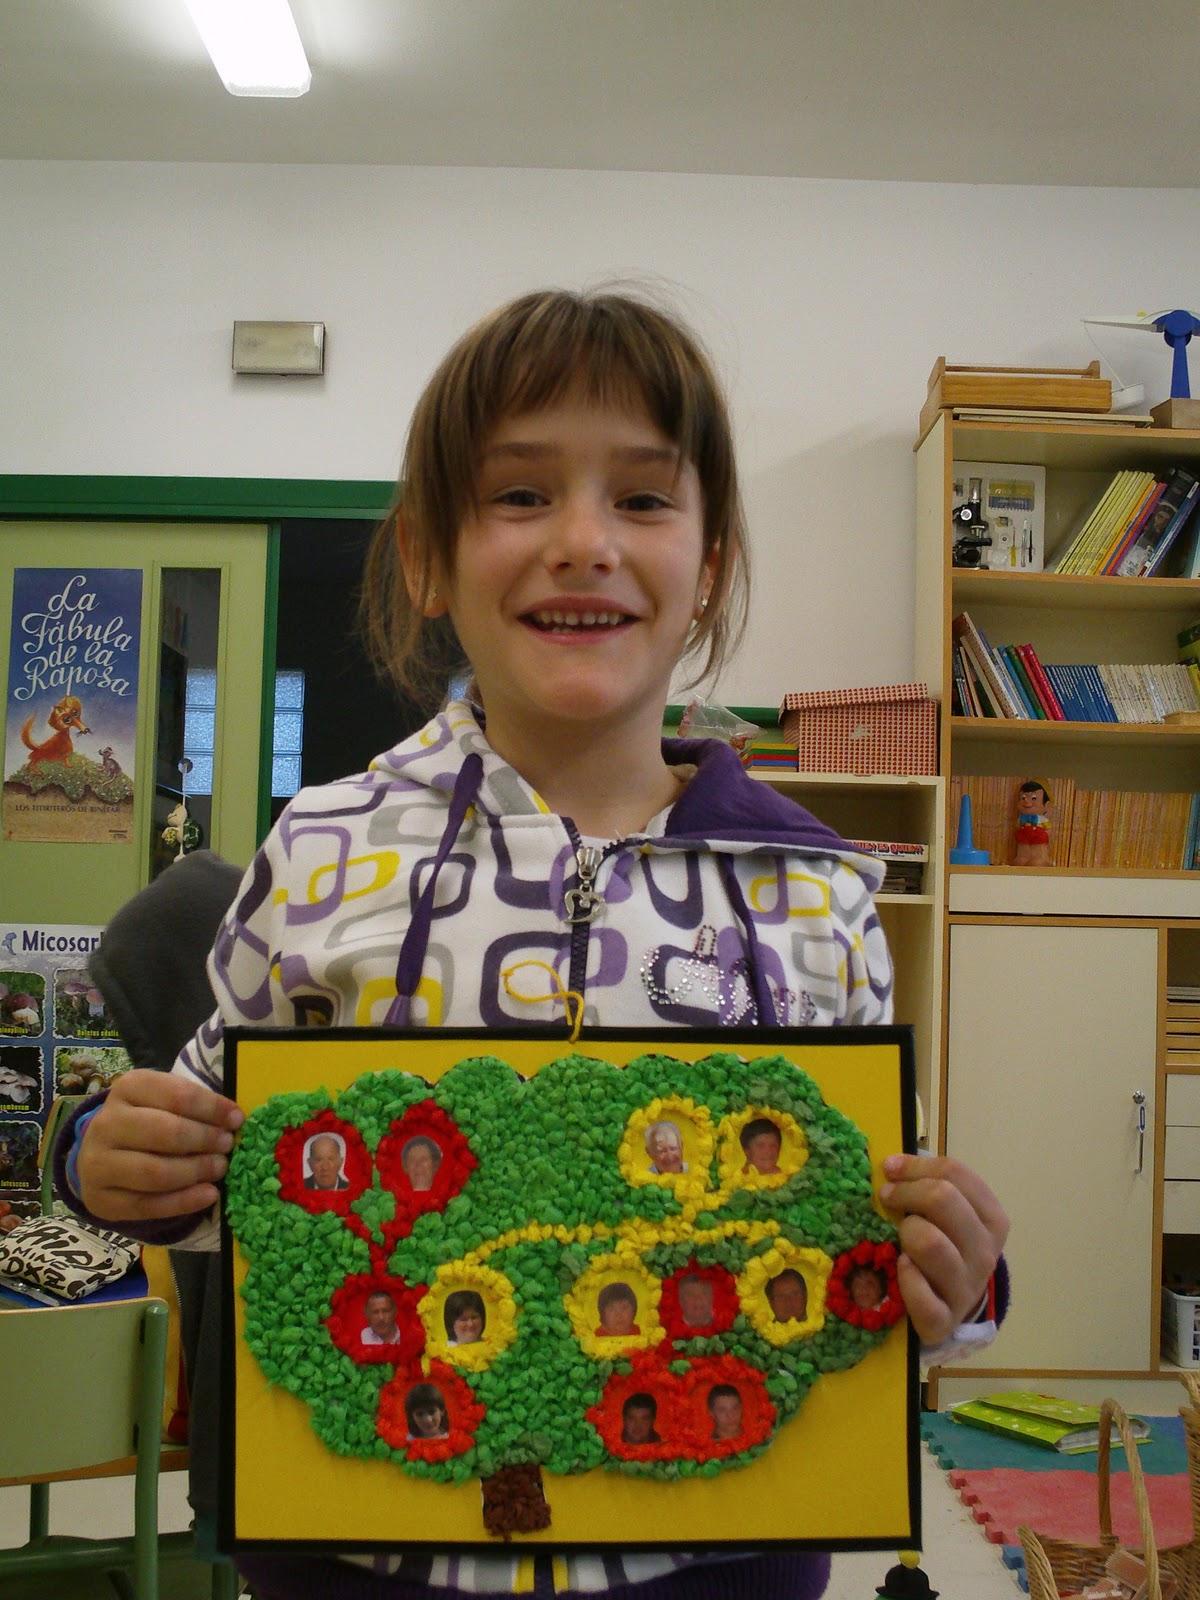 Escuela de lascuarre arbol geneal gico - Como hacer un cuadro con fotos familiares ...